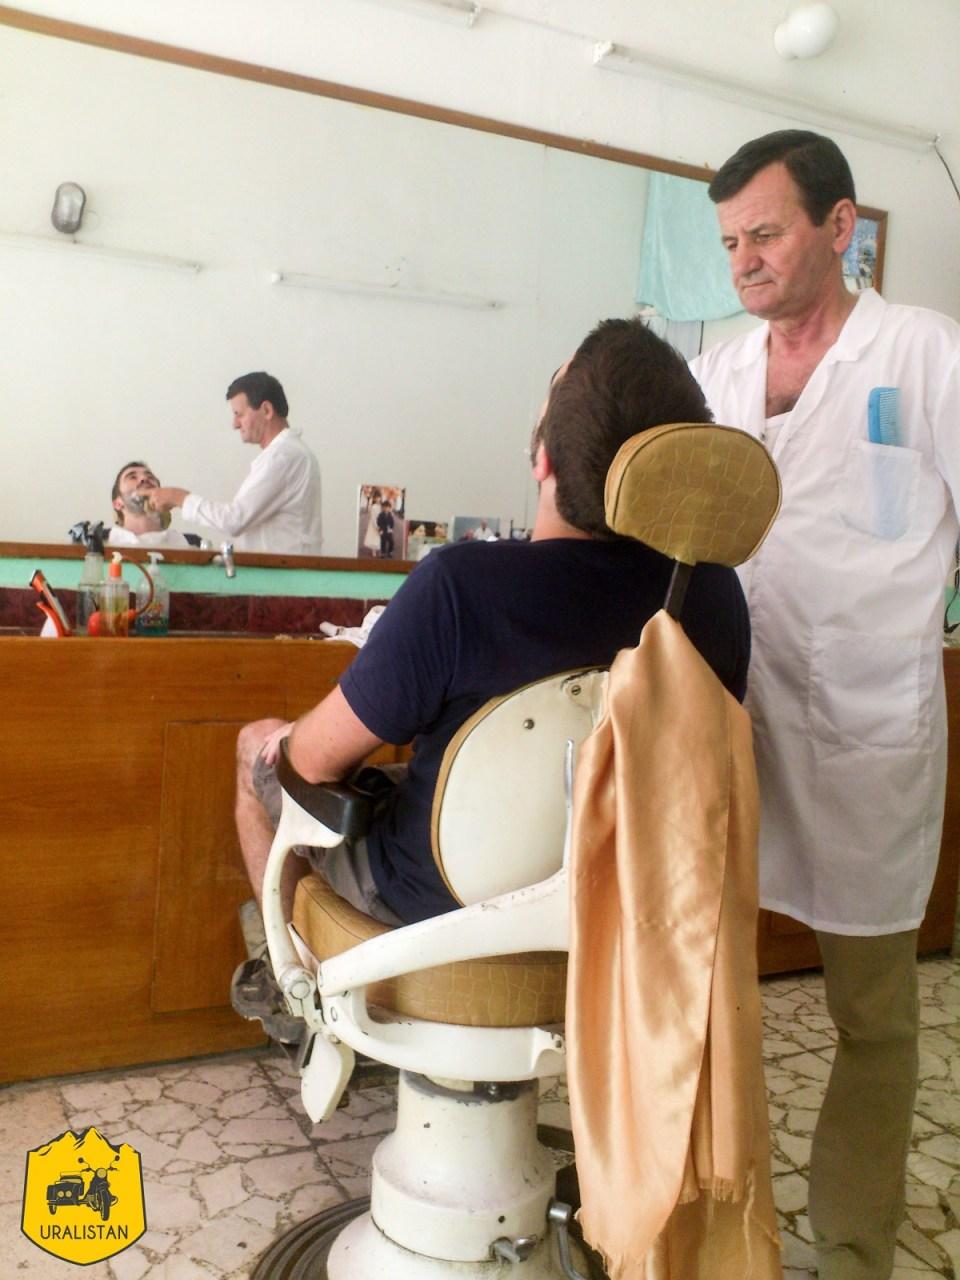 Jérémy chez le barbier albanais, voyage en Albanie